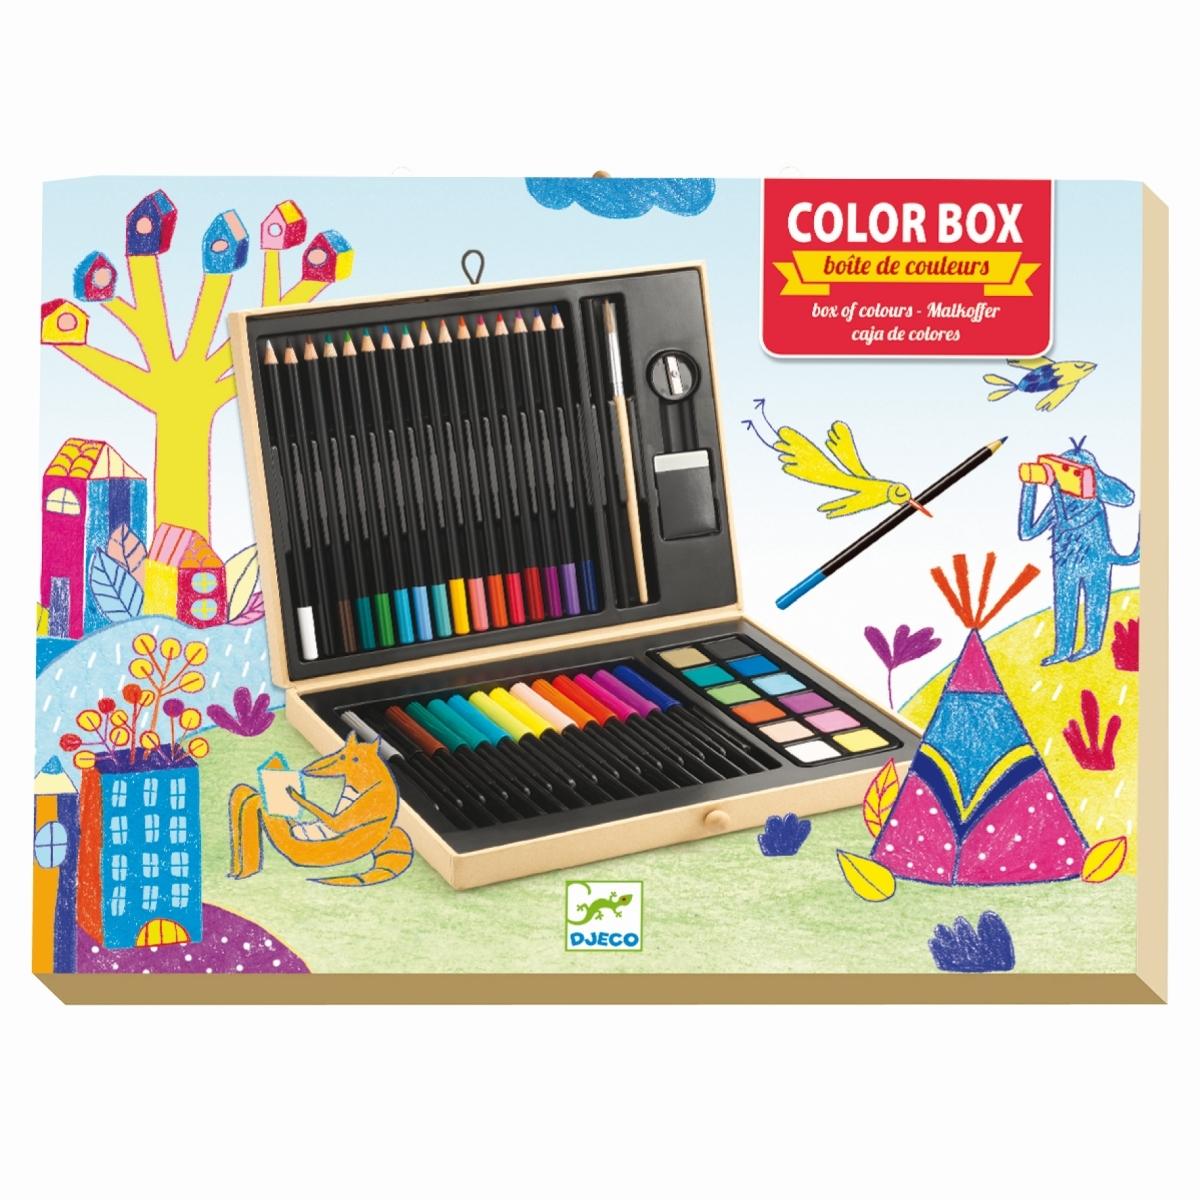 Cutie pentru desen si pictura djeco - 2